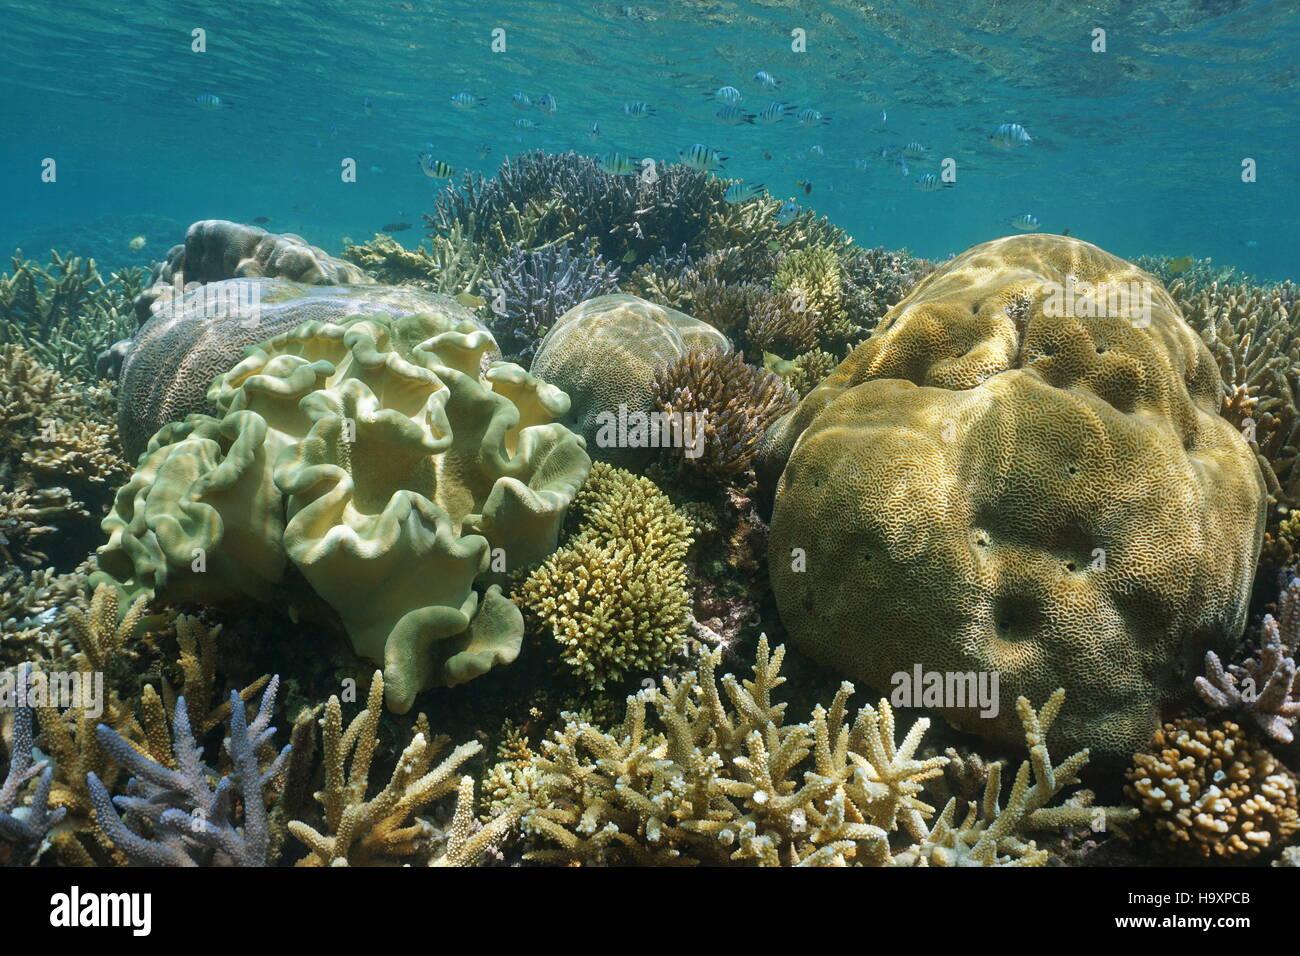 La diversité des récifs coralliens avec coraux mous et durs sous l'eau, Nouvelle Calédonie, océan Pacifique sud Banque D'Images